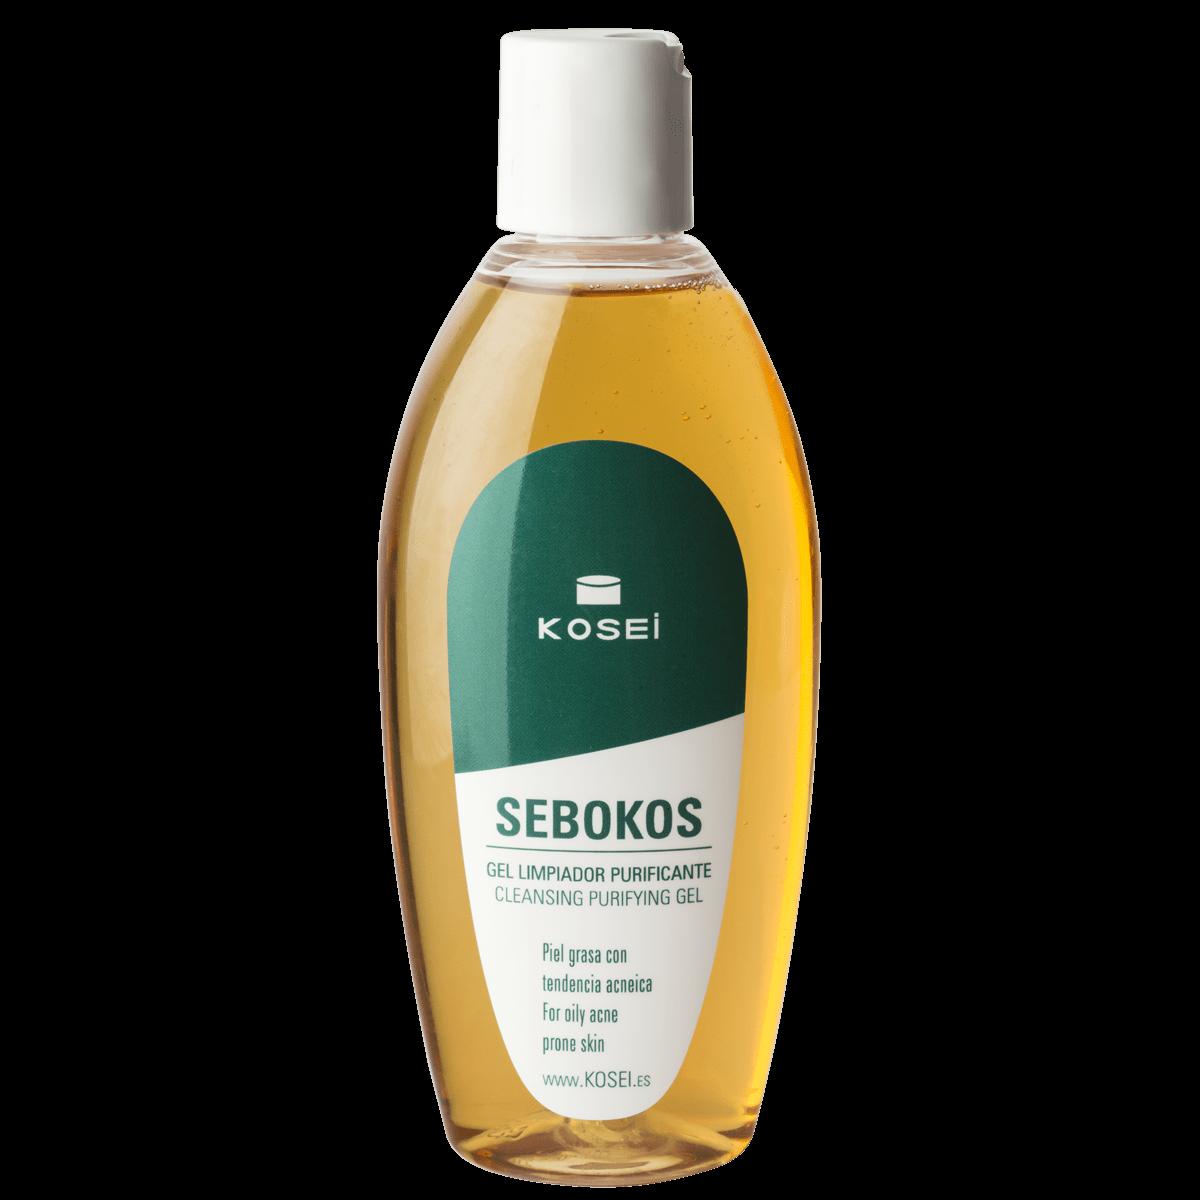 SEBOKOS gel limpiador facial purificante